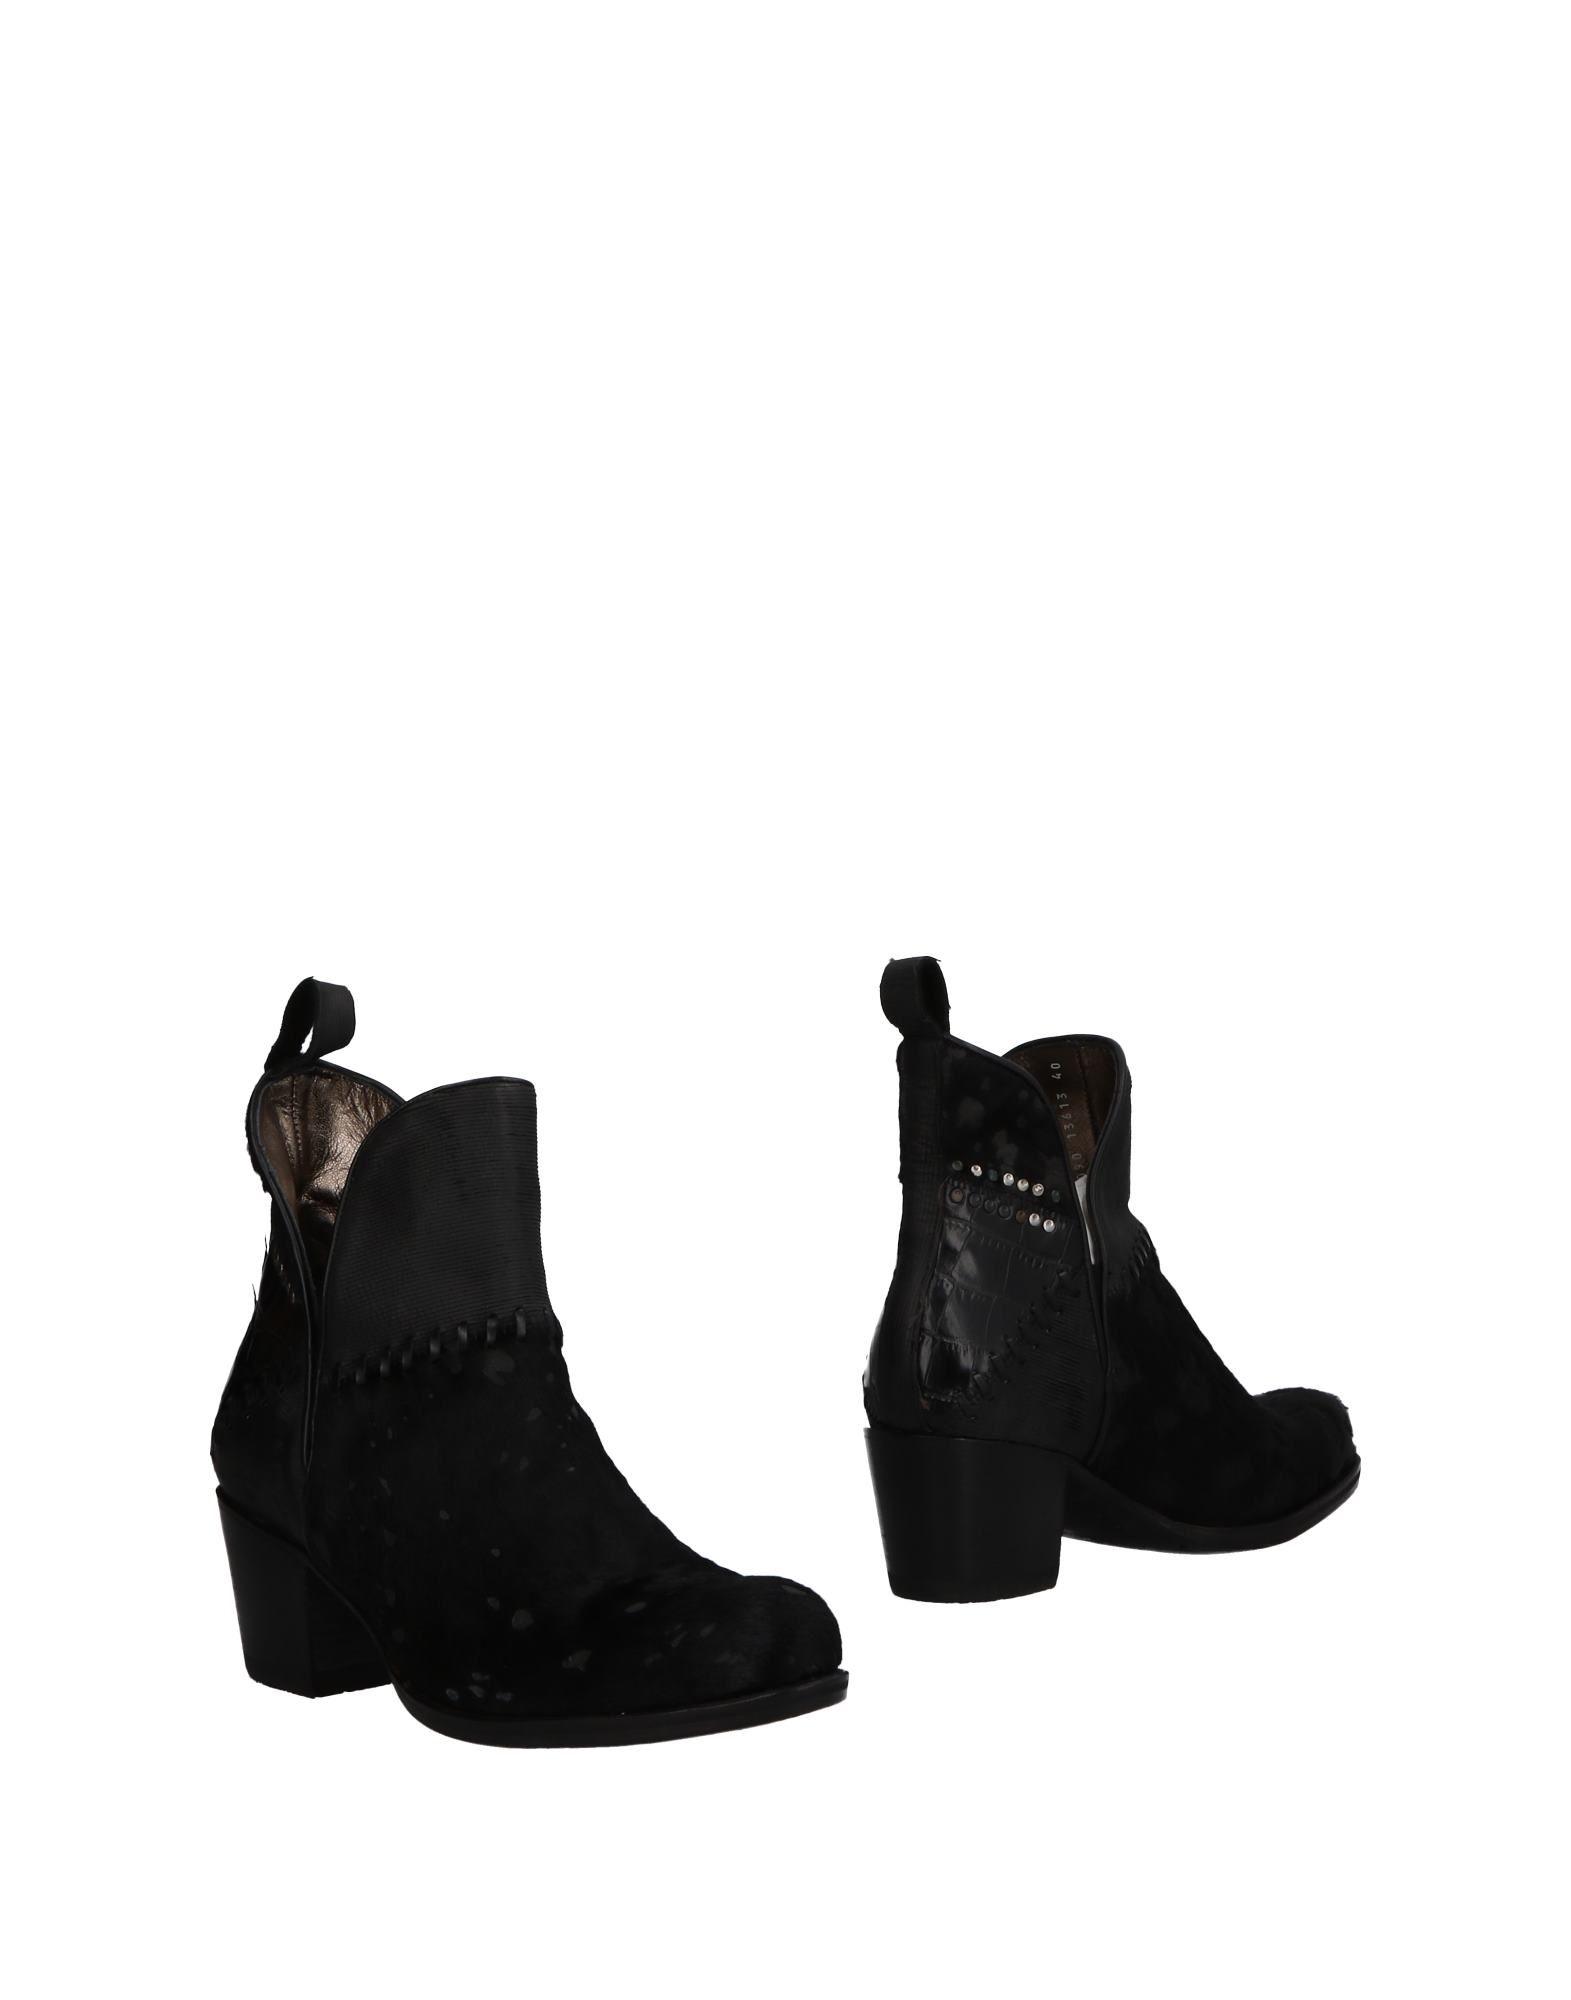 Stilvolle billige Schuhe Damen Sendra Stiefelette Damen Schuhe  11503297FU cbab01